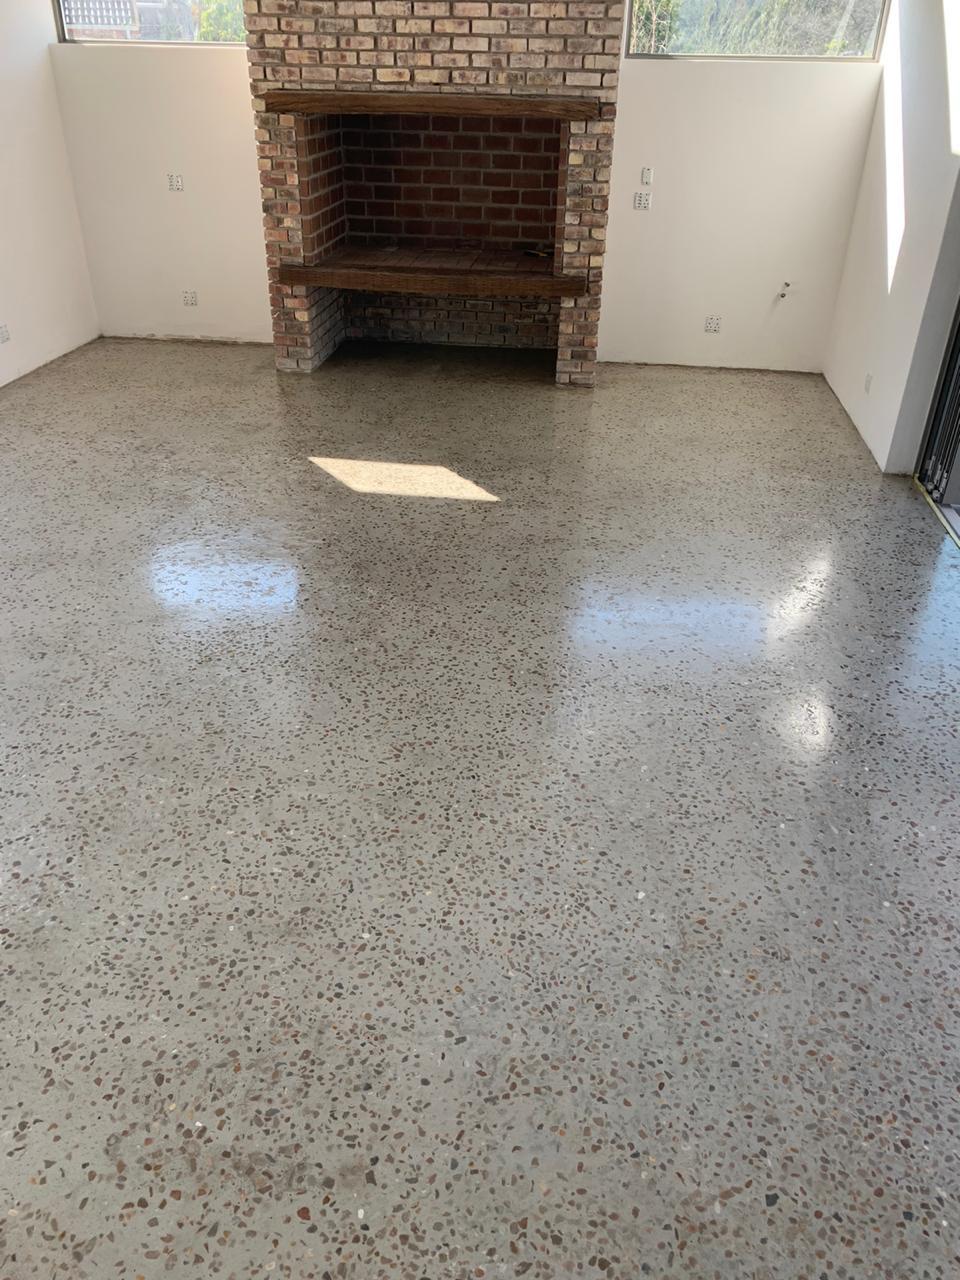 Sealed floor - Concrete sealed floor - WaterKote - Waterproofing - George - South Africa